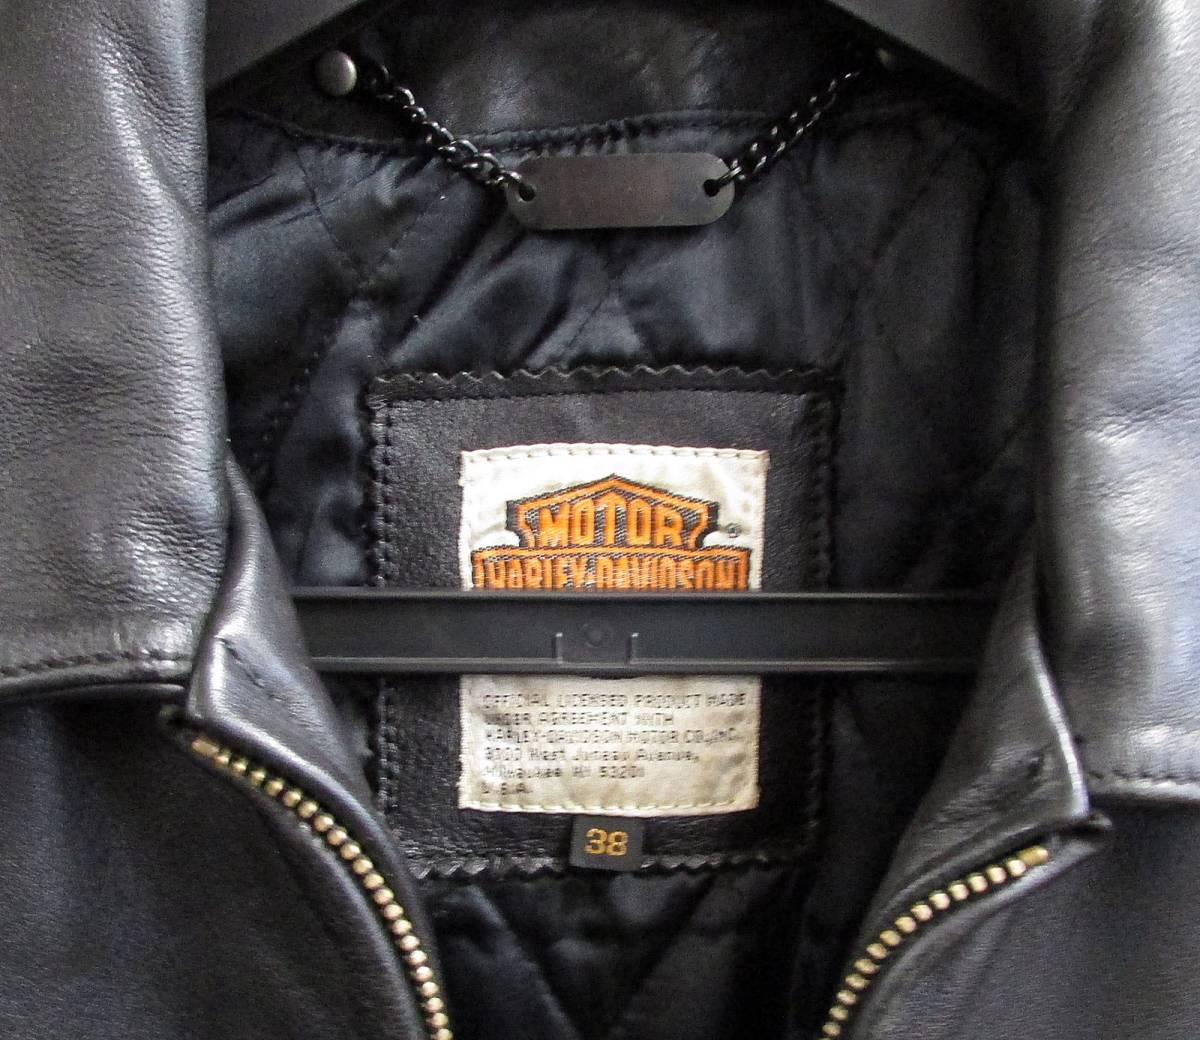 ★Harley Davidson USA Screamin Eagle Club Leather Fringe Biker Jacket 38_画像3